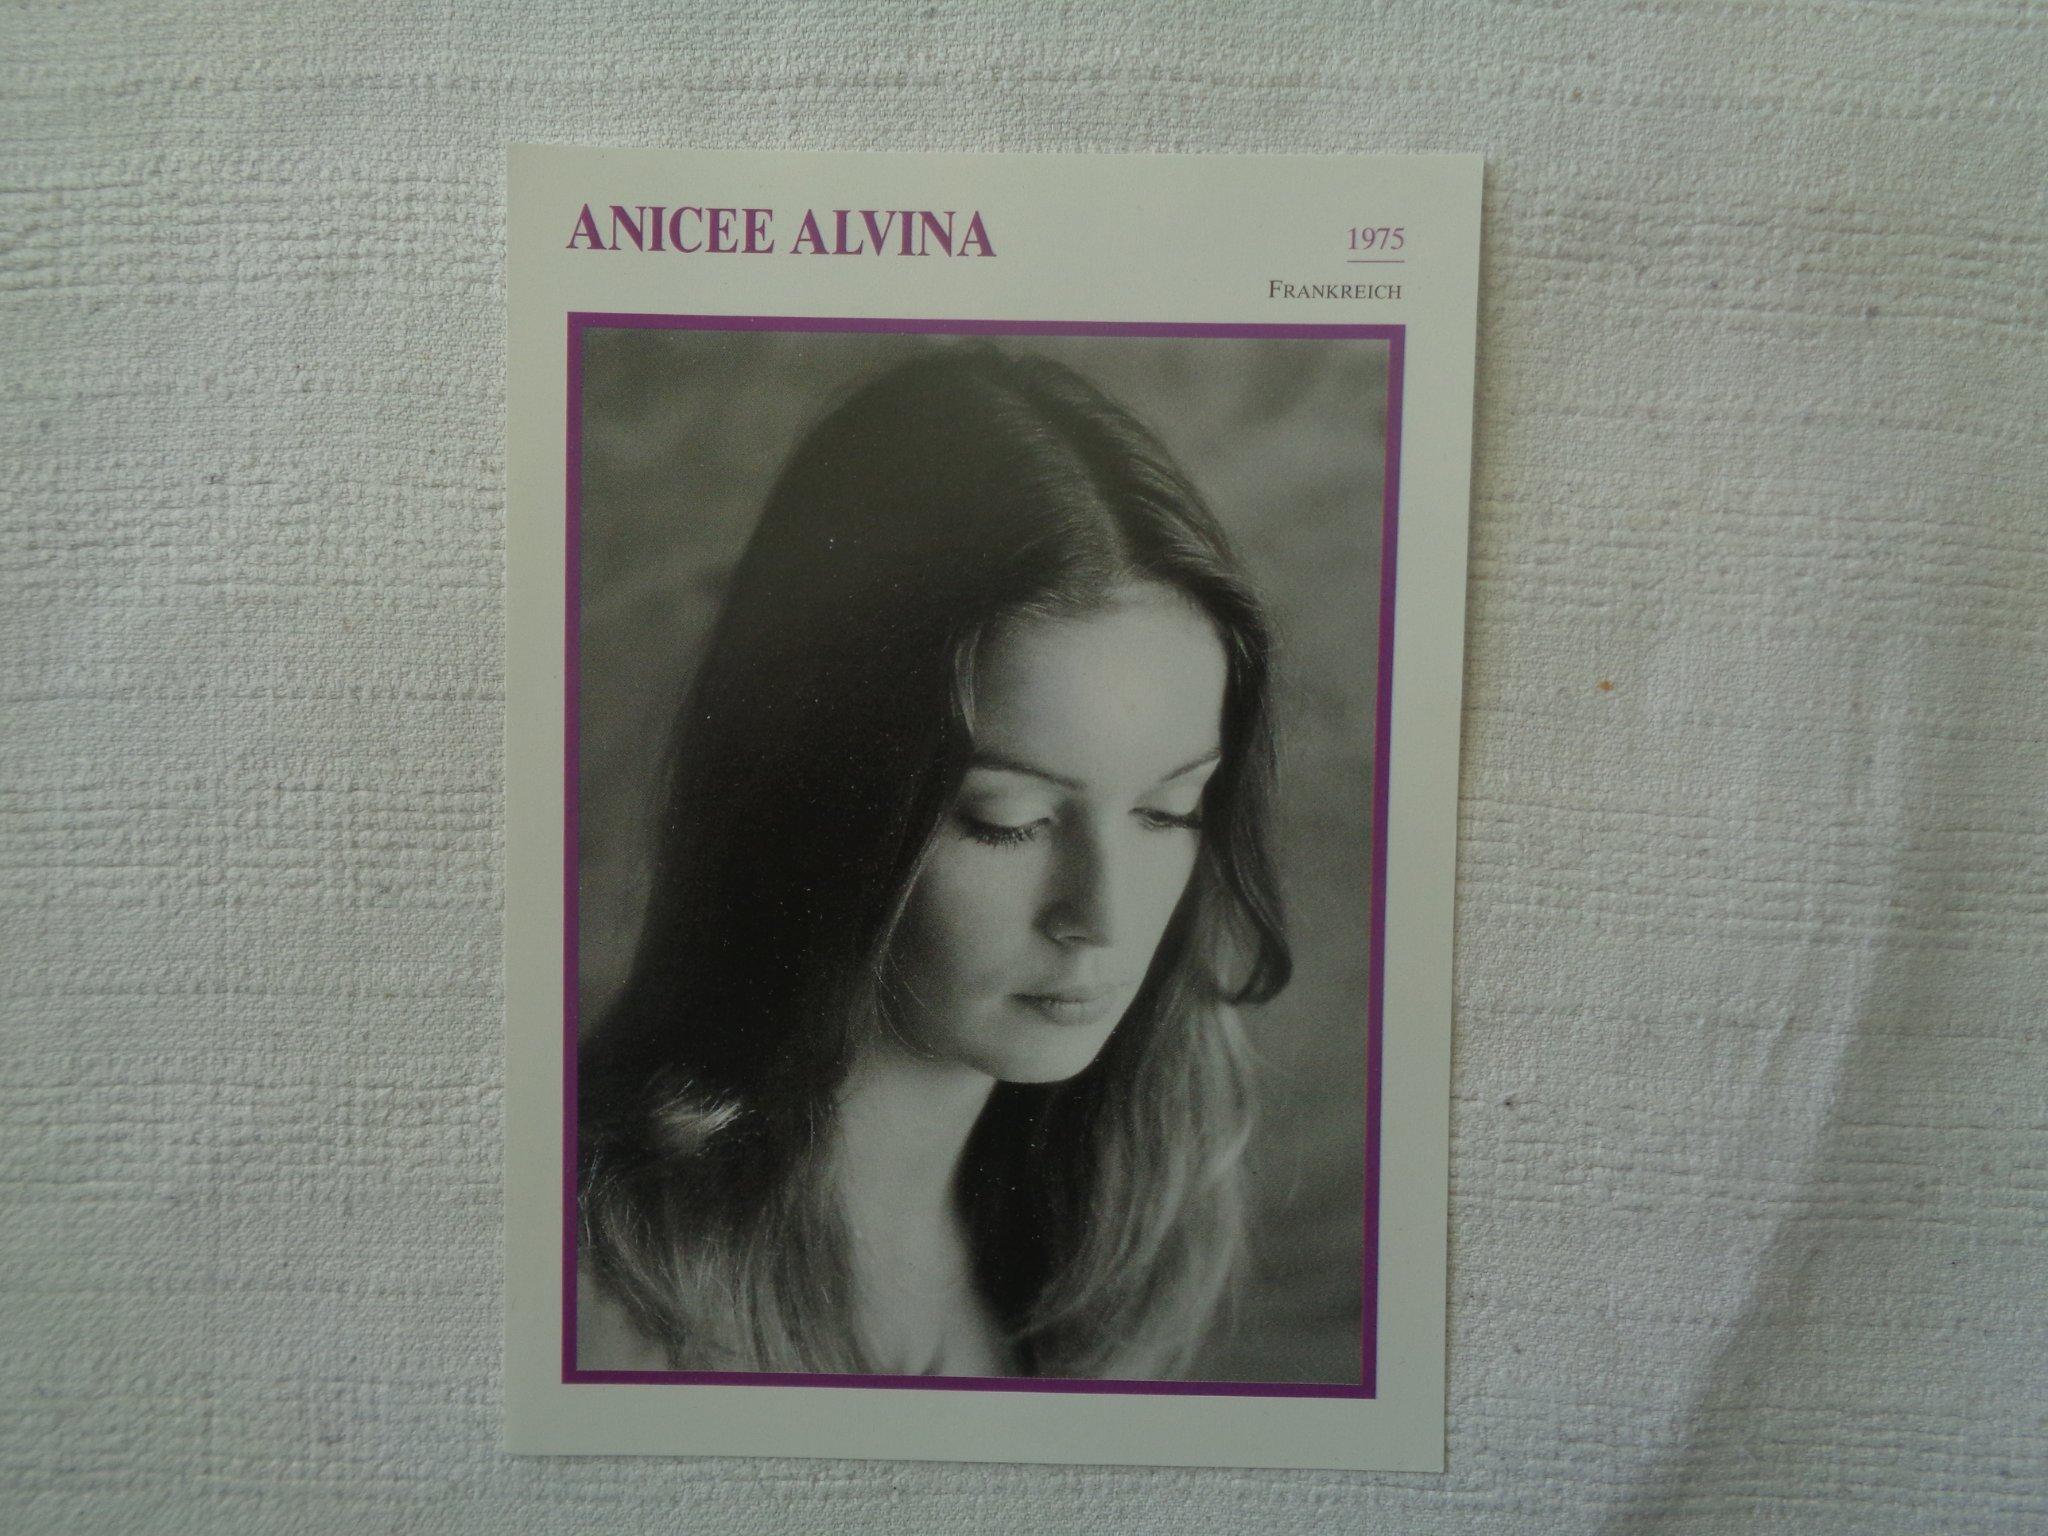 Anicée Alvina anicee alvina- 1953 - 2006 (354261934) ᐈ köp på tradera